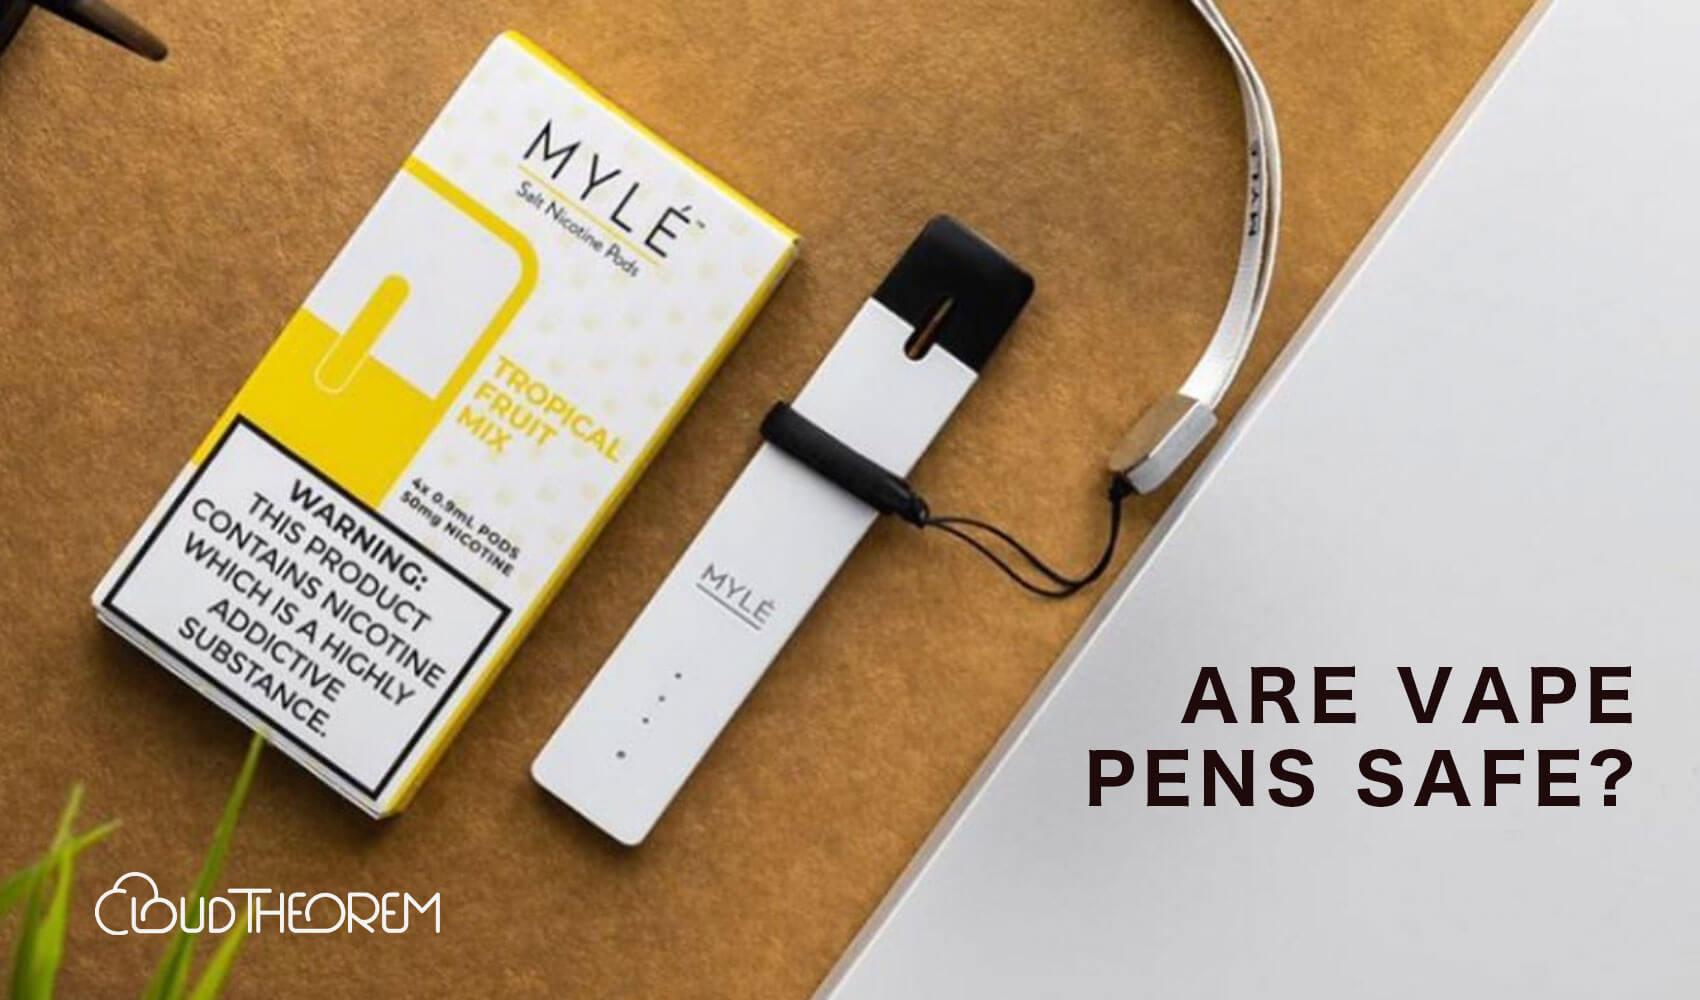 Are vape pens safe   Cloudtheorem